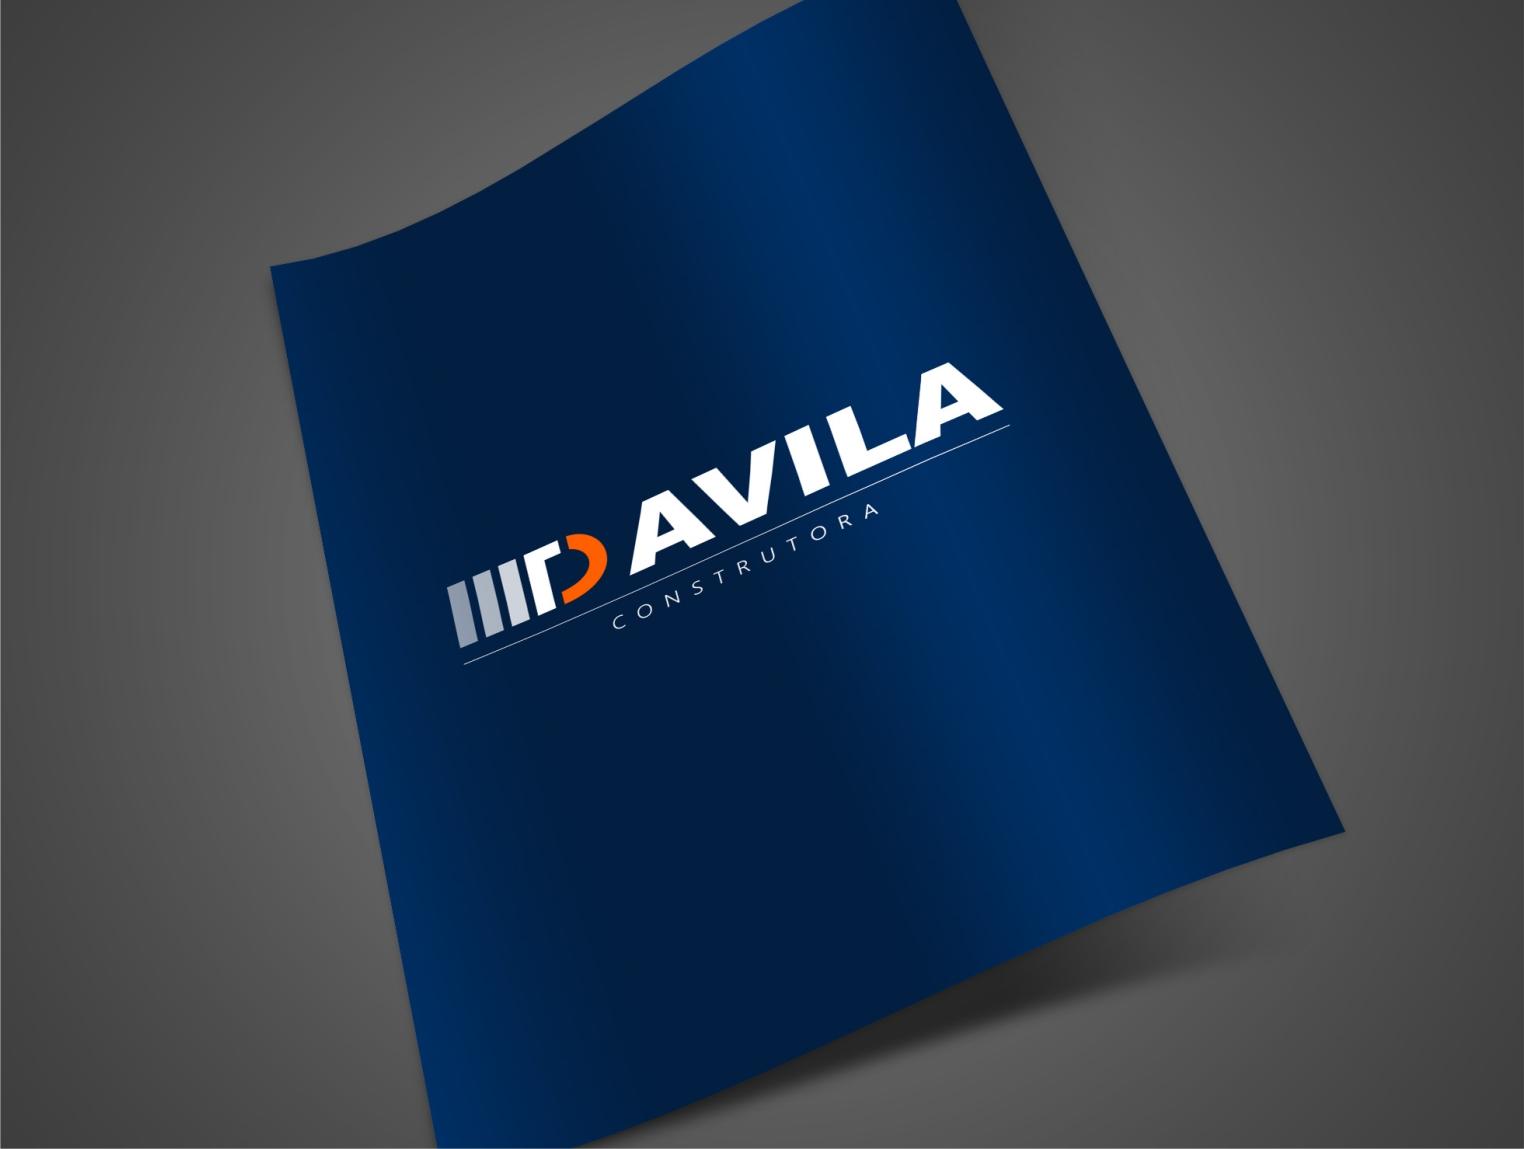 Construtora D Avila